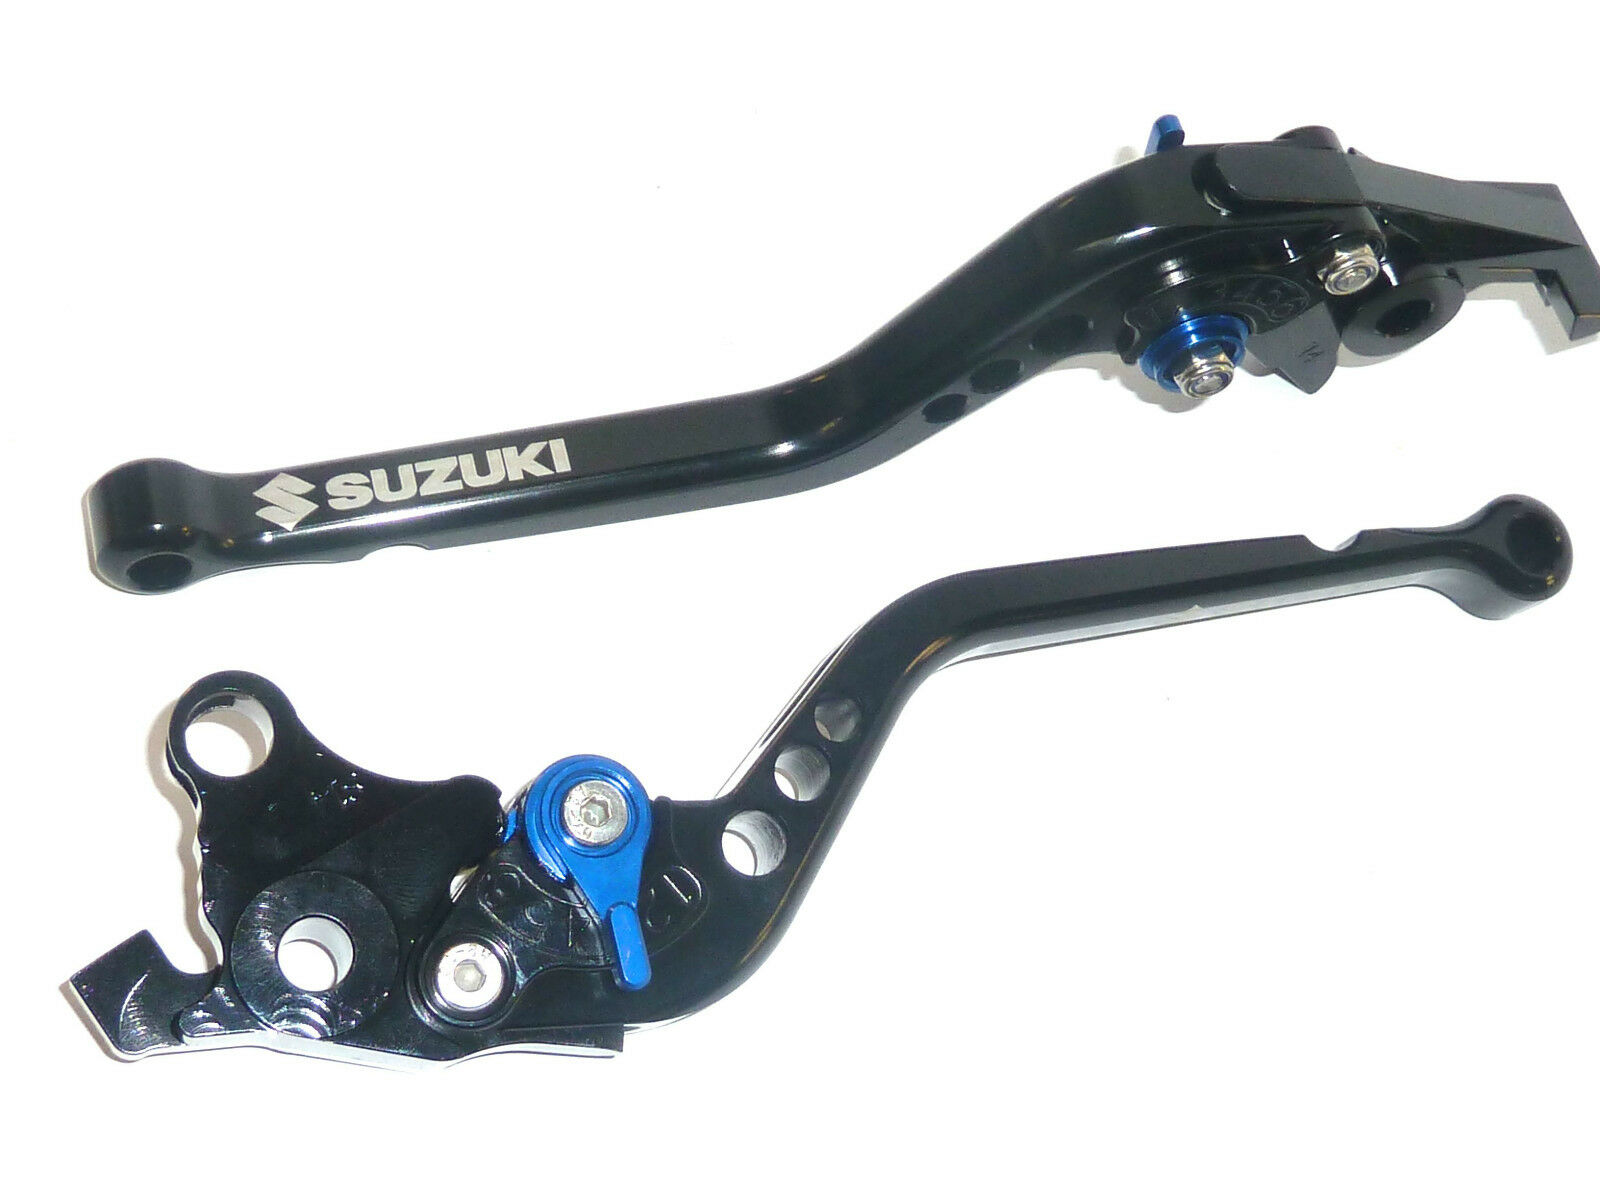 Suzuki Gsx650f Gsx650f Gsx650f 2008-2015 Lang Schwarz Bremse und Kupplungshebel Satz eb90c0